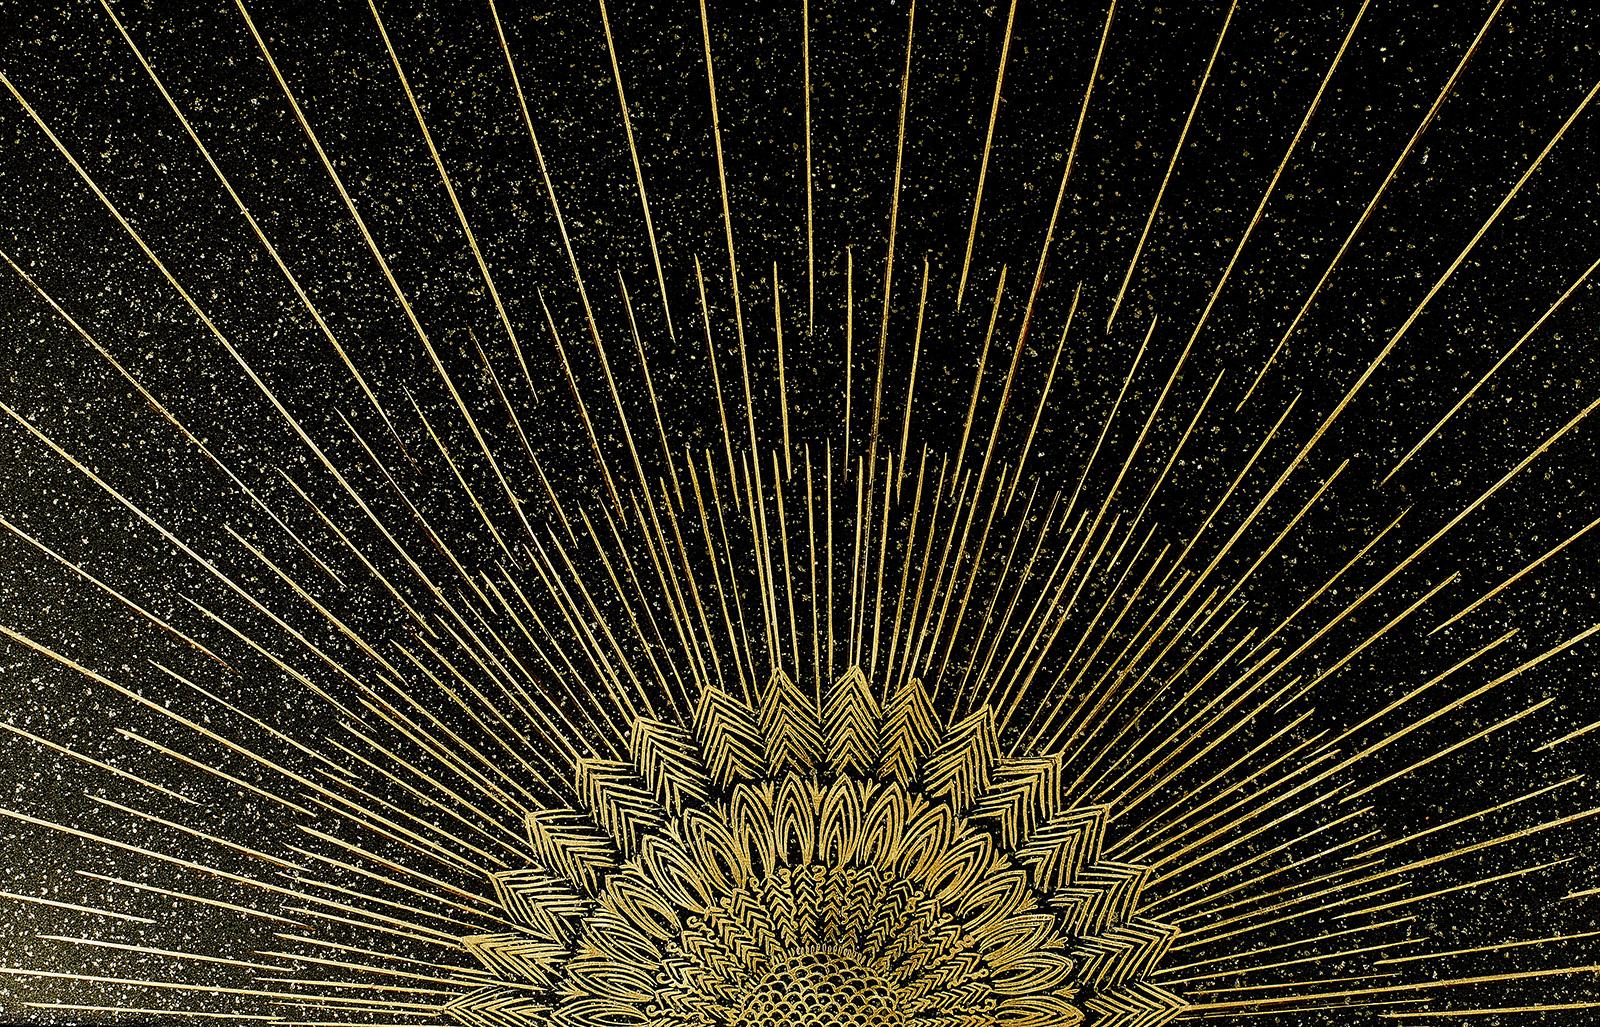 laque d'art, laque d'or, ébénisterie, Atelier Midavaine